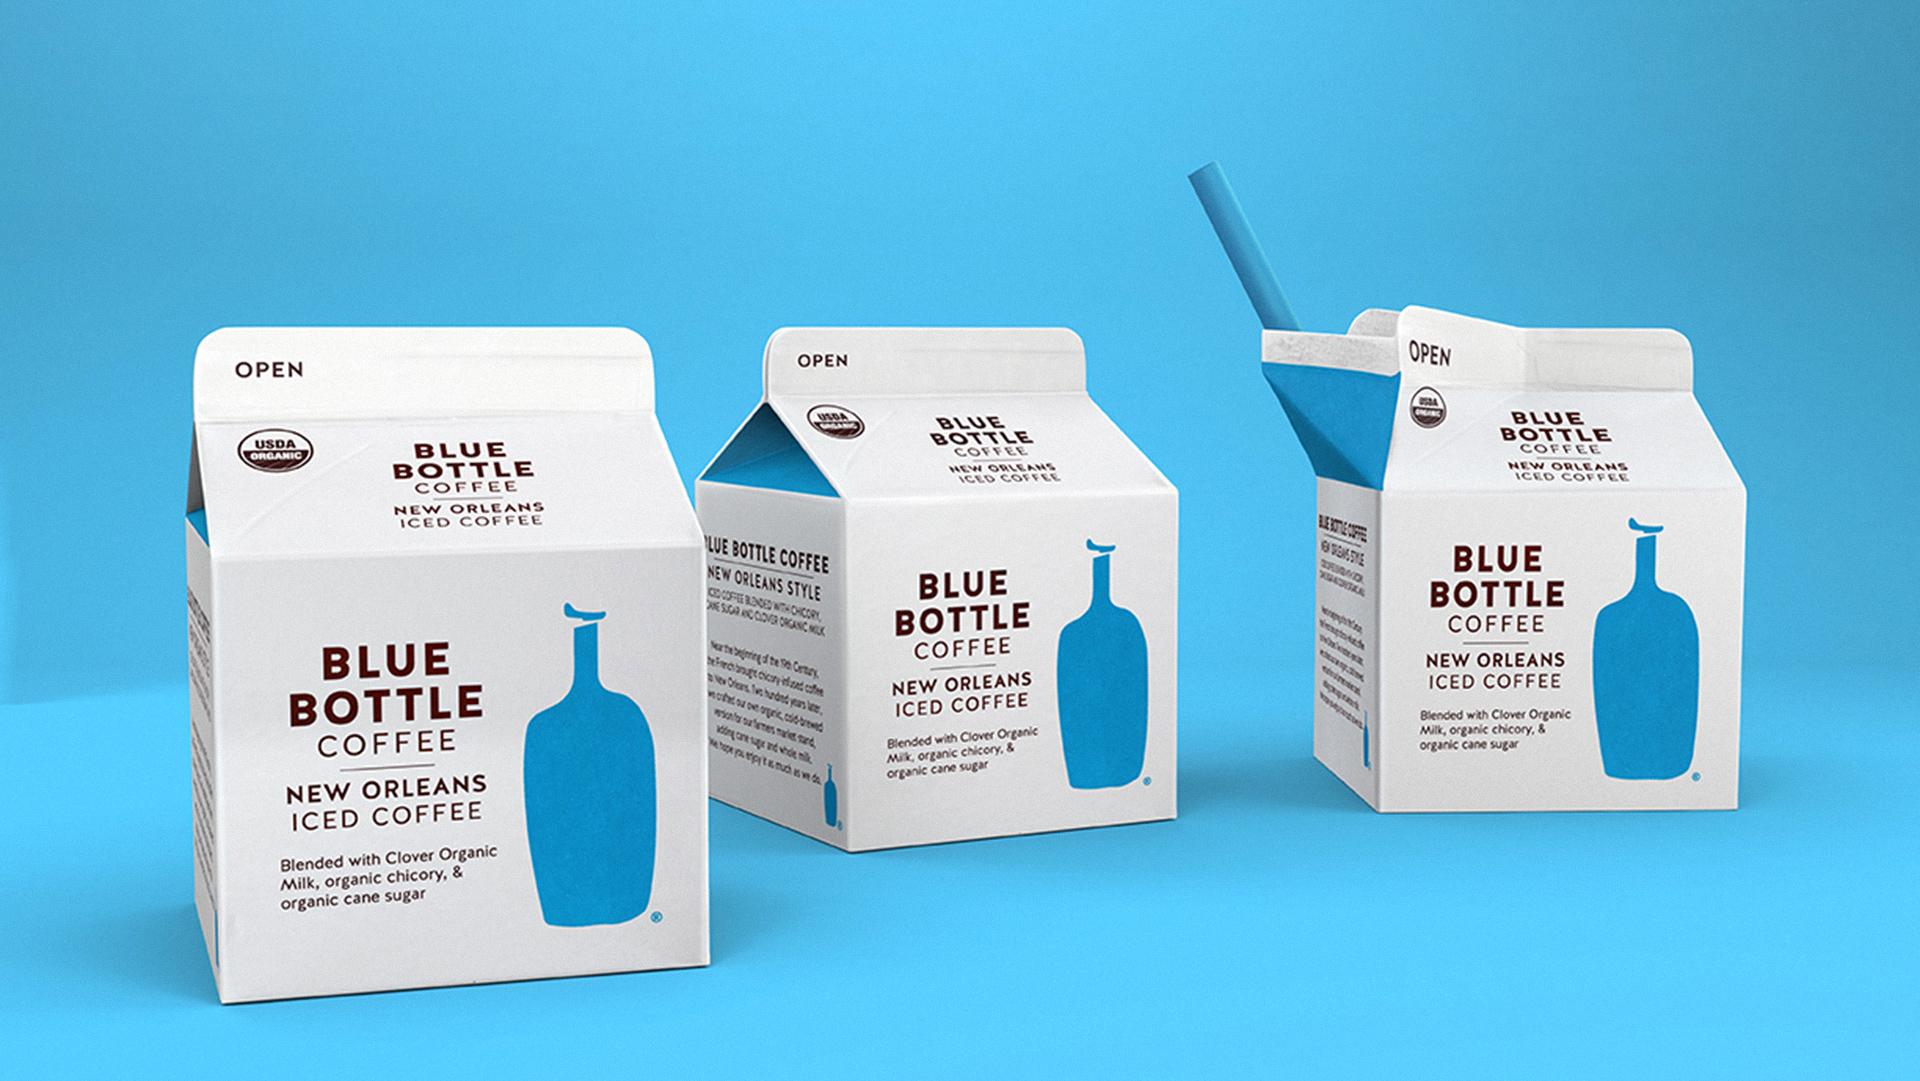 杂货店 LOFT 访谈:中国首店开业;Blue Bottle Coffee 品牌研究;中国彩妆市场趋势概览 | 品牌周报